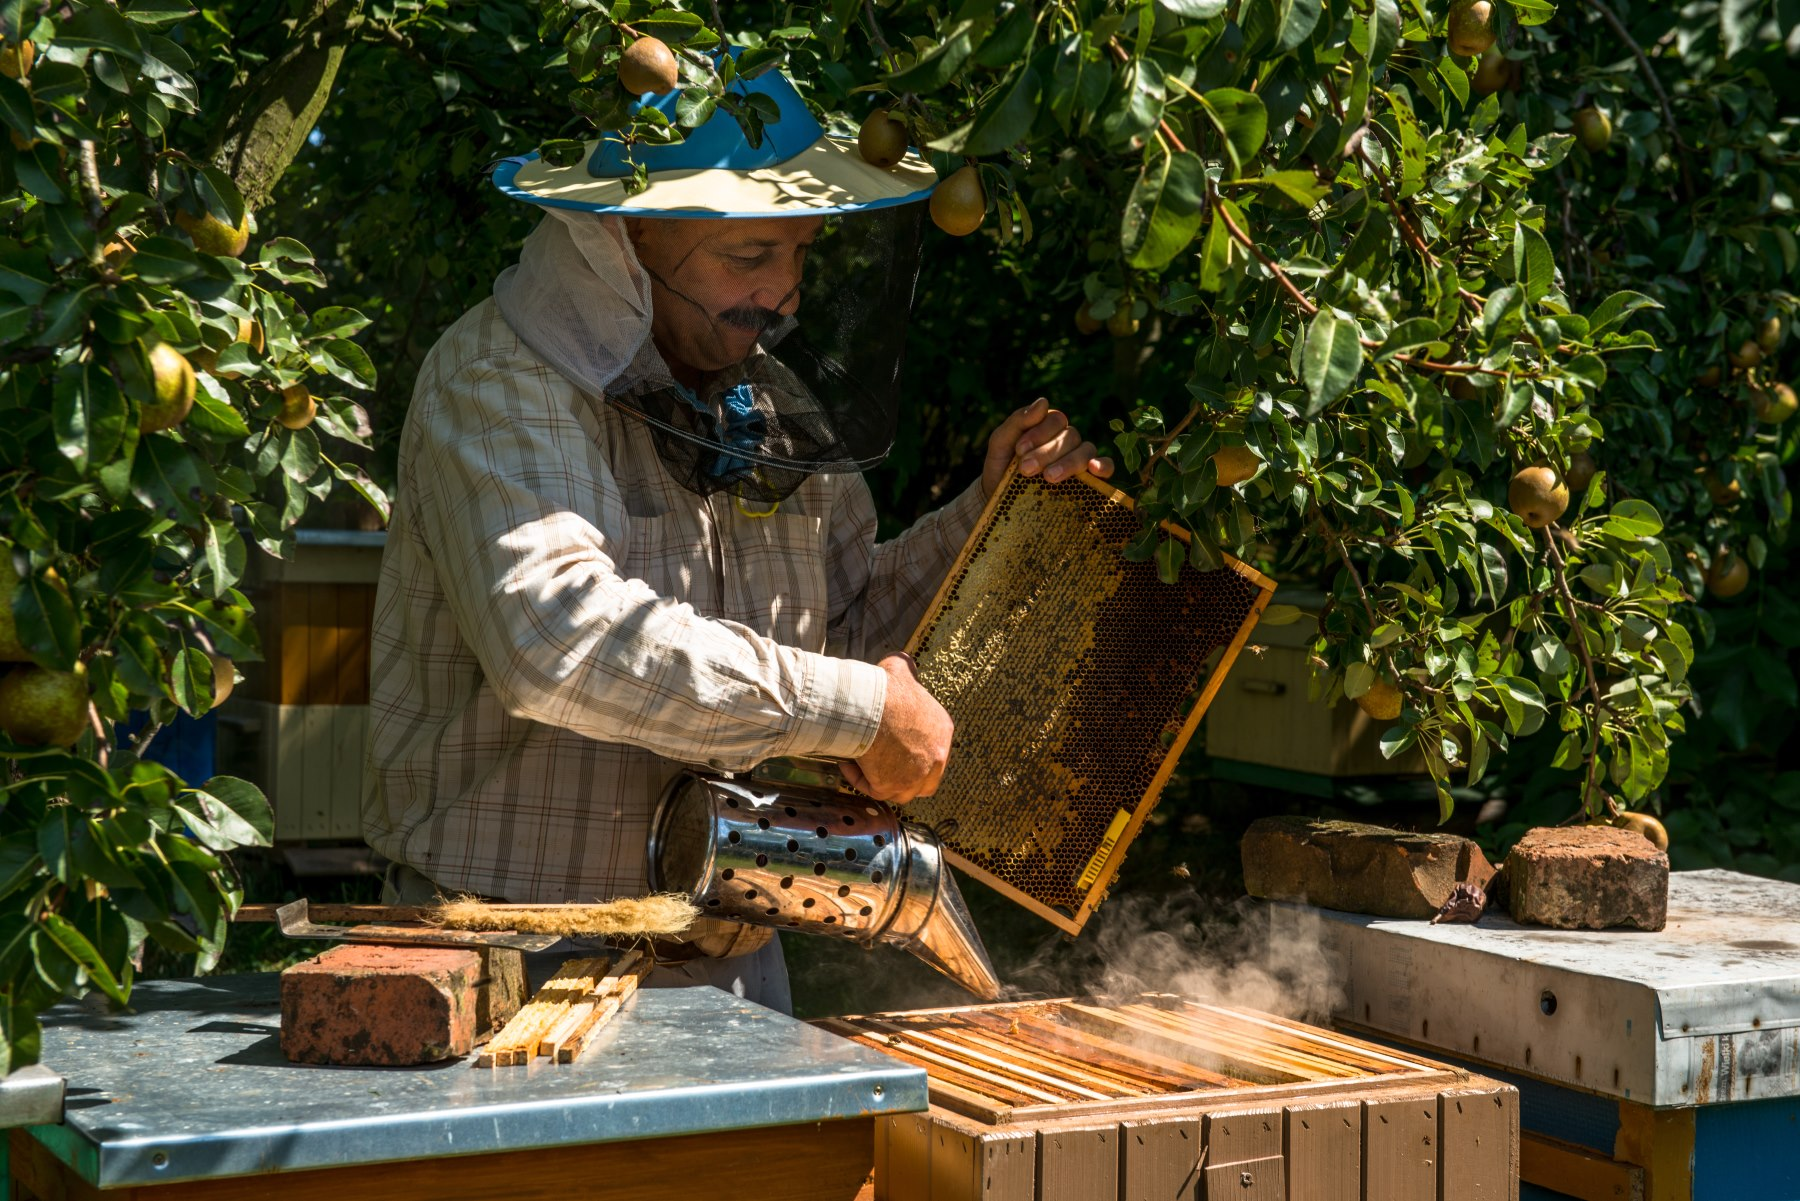 Pszczelarz w ubiorze chroniącym przed użądleniem